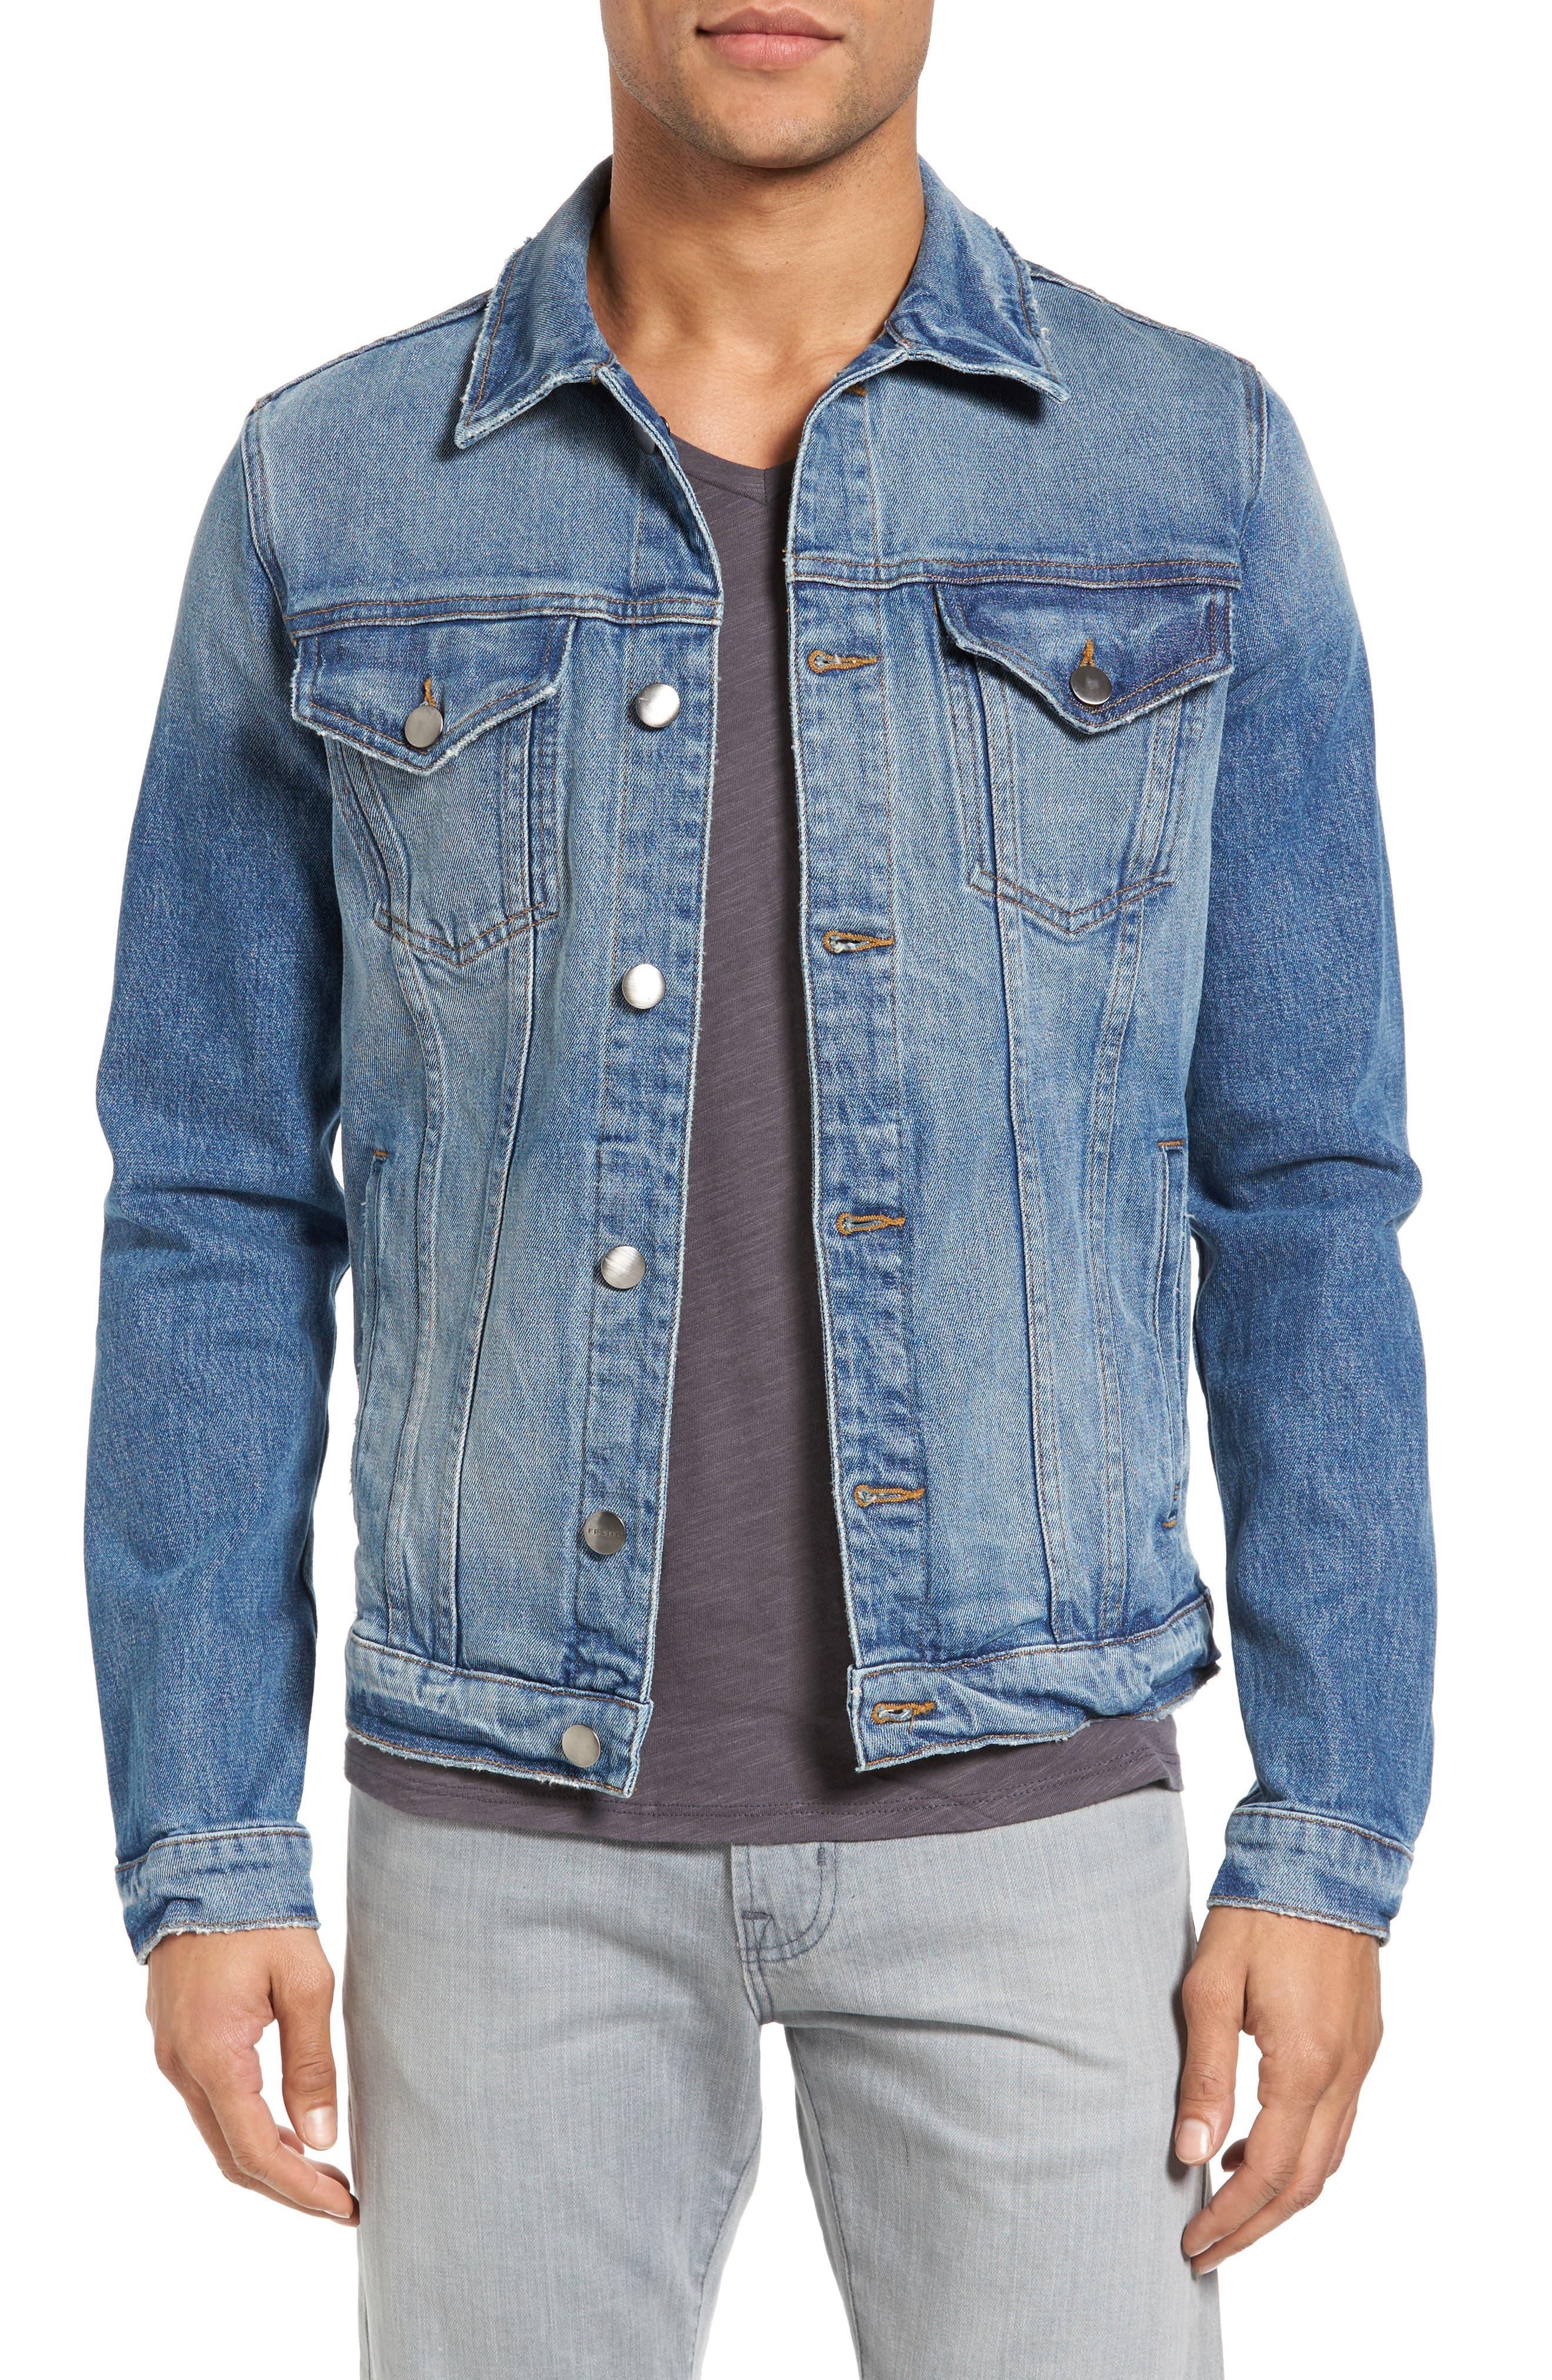 L'Homme Slim Denim Jacket,                             Main thumbnail 1, color,                             420